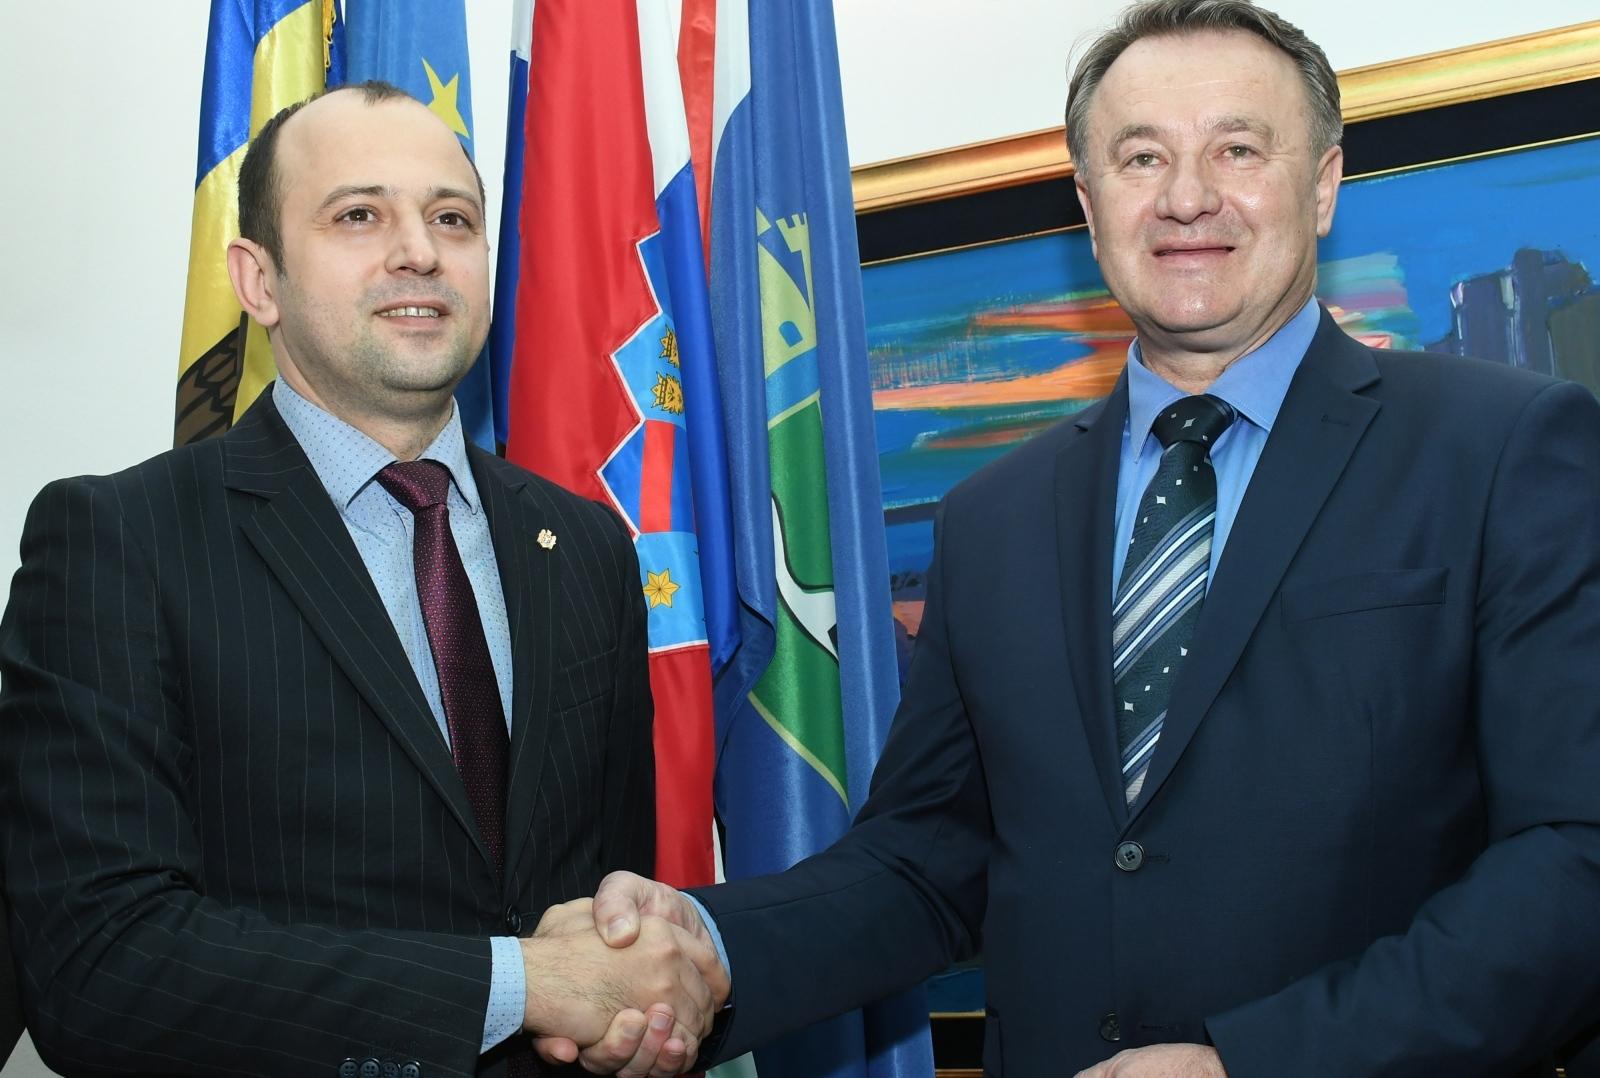 Veleposlanik Republike Moldavije Oleg Tule posjetio Sisačko-moslavačku županiju